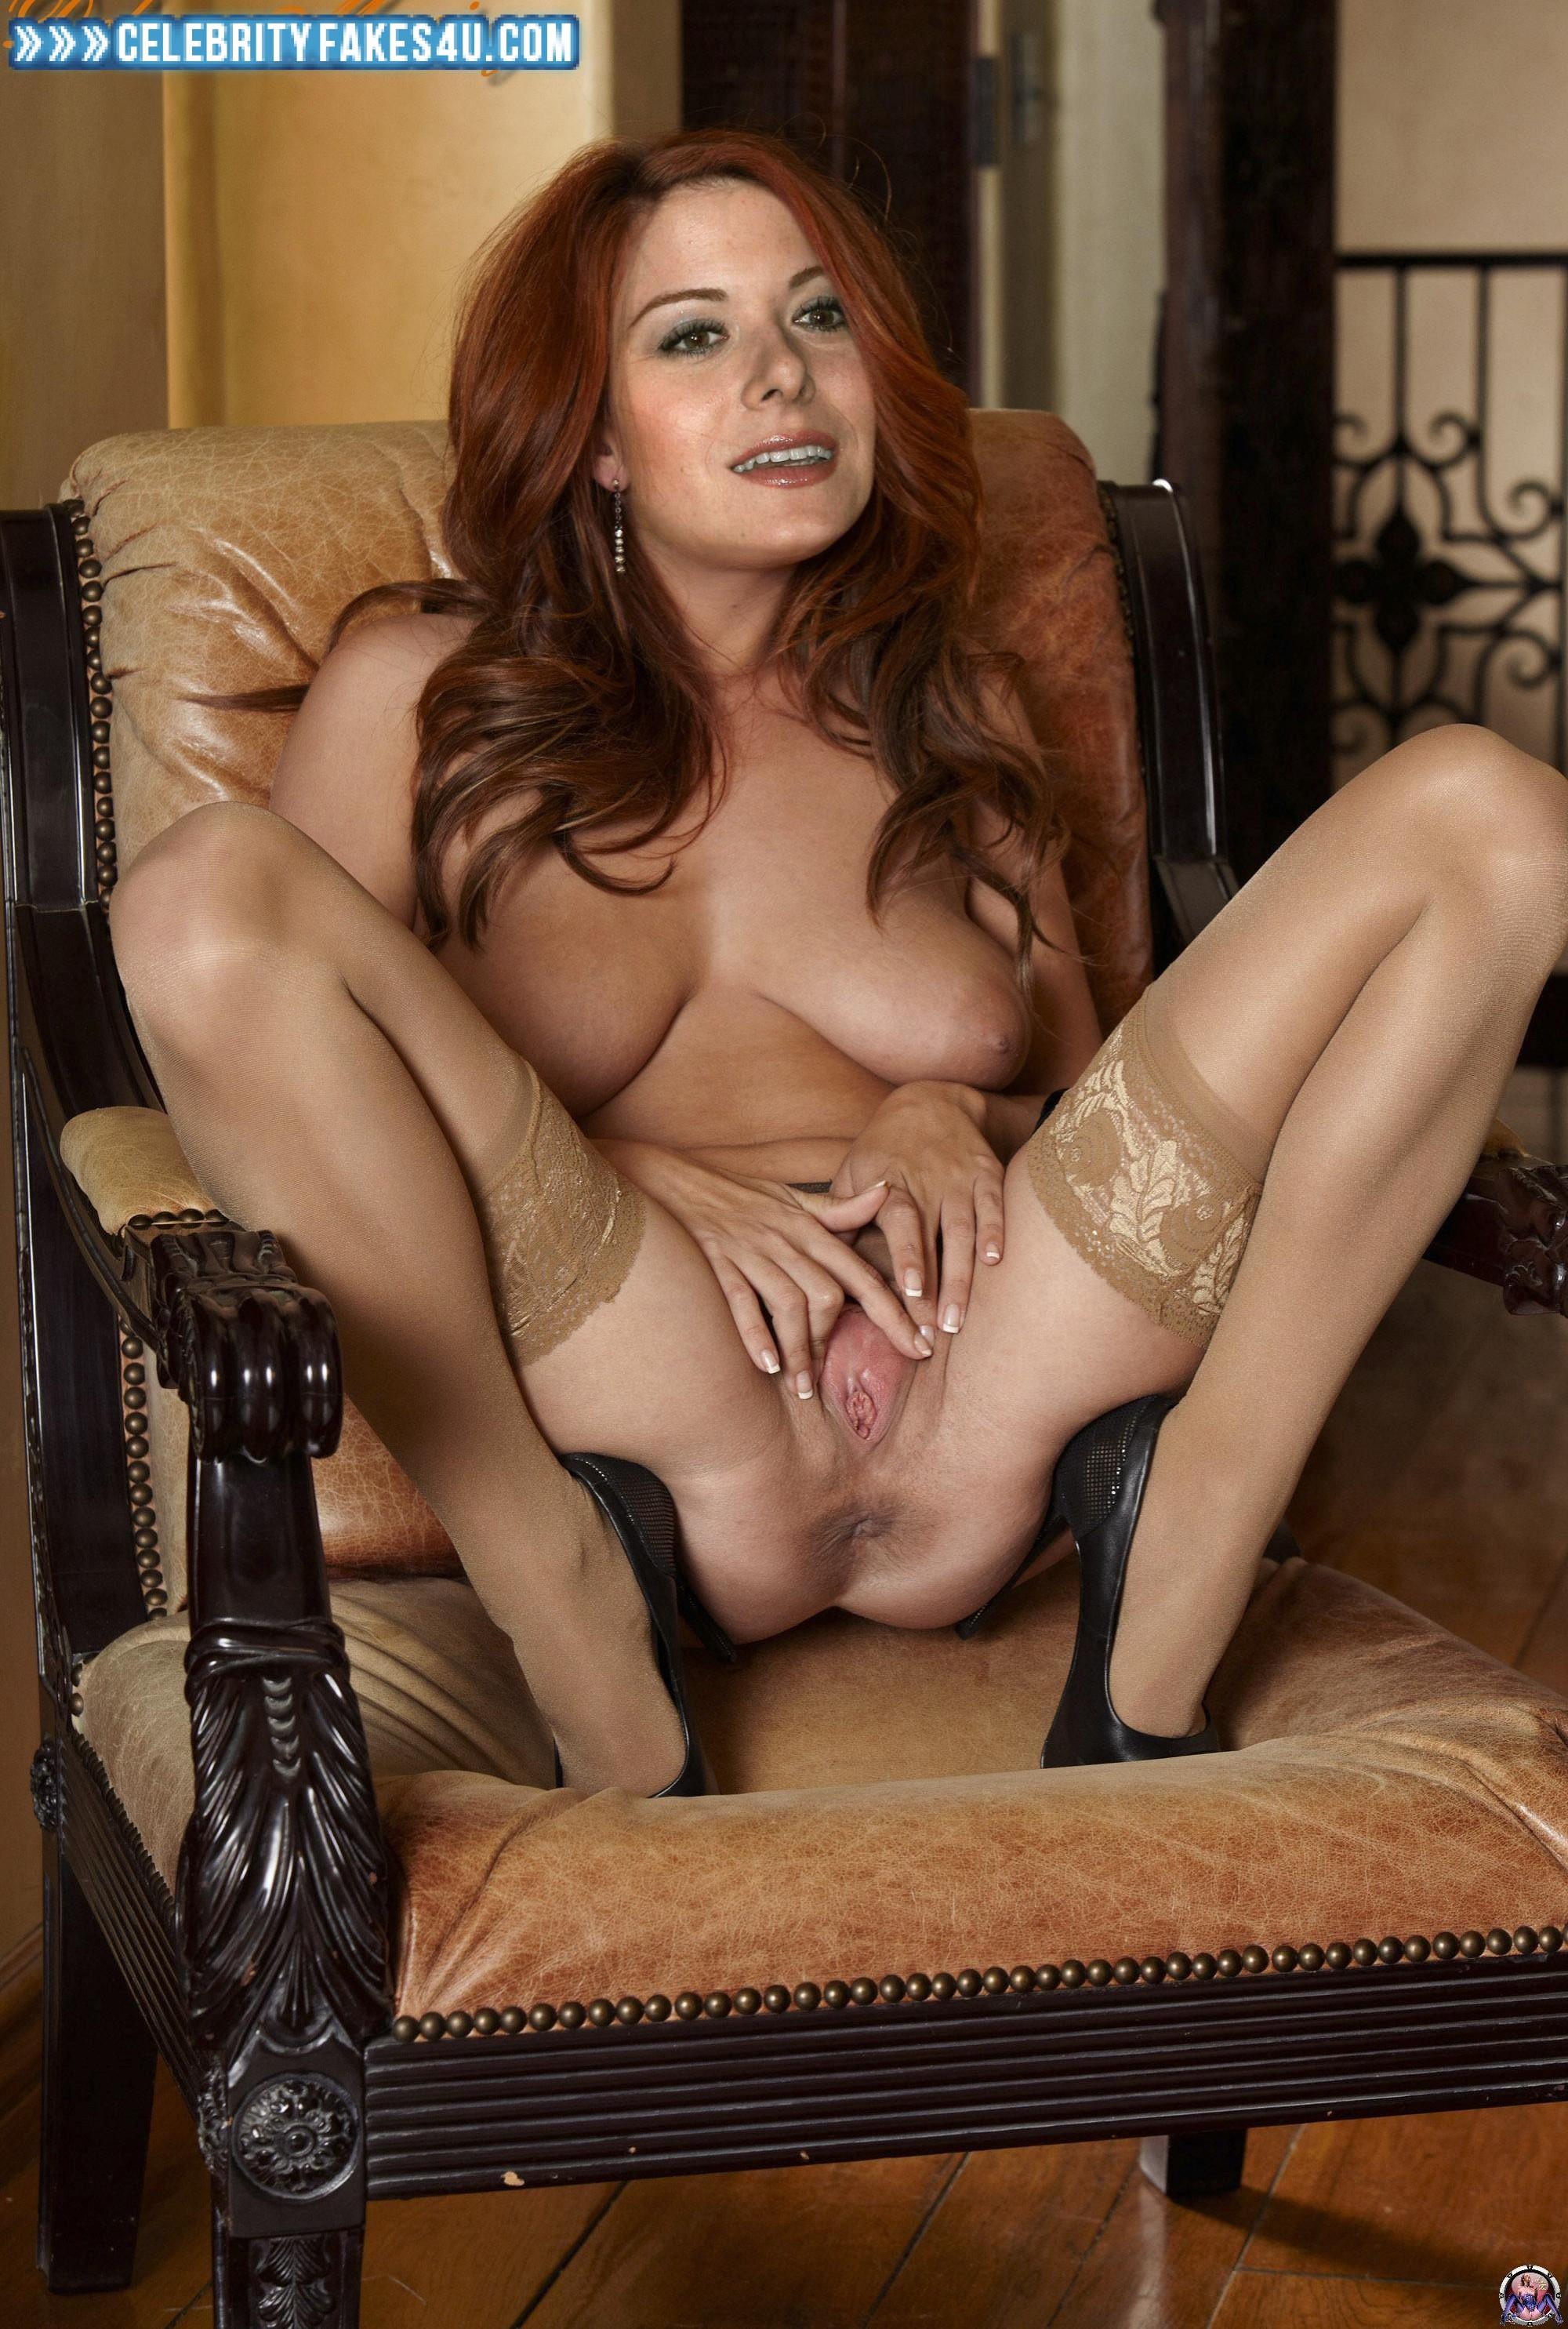 Amanda x y brenda boop show lesbico sev 2013 - 1 part 5